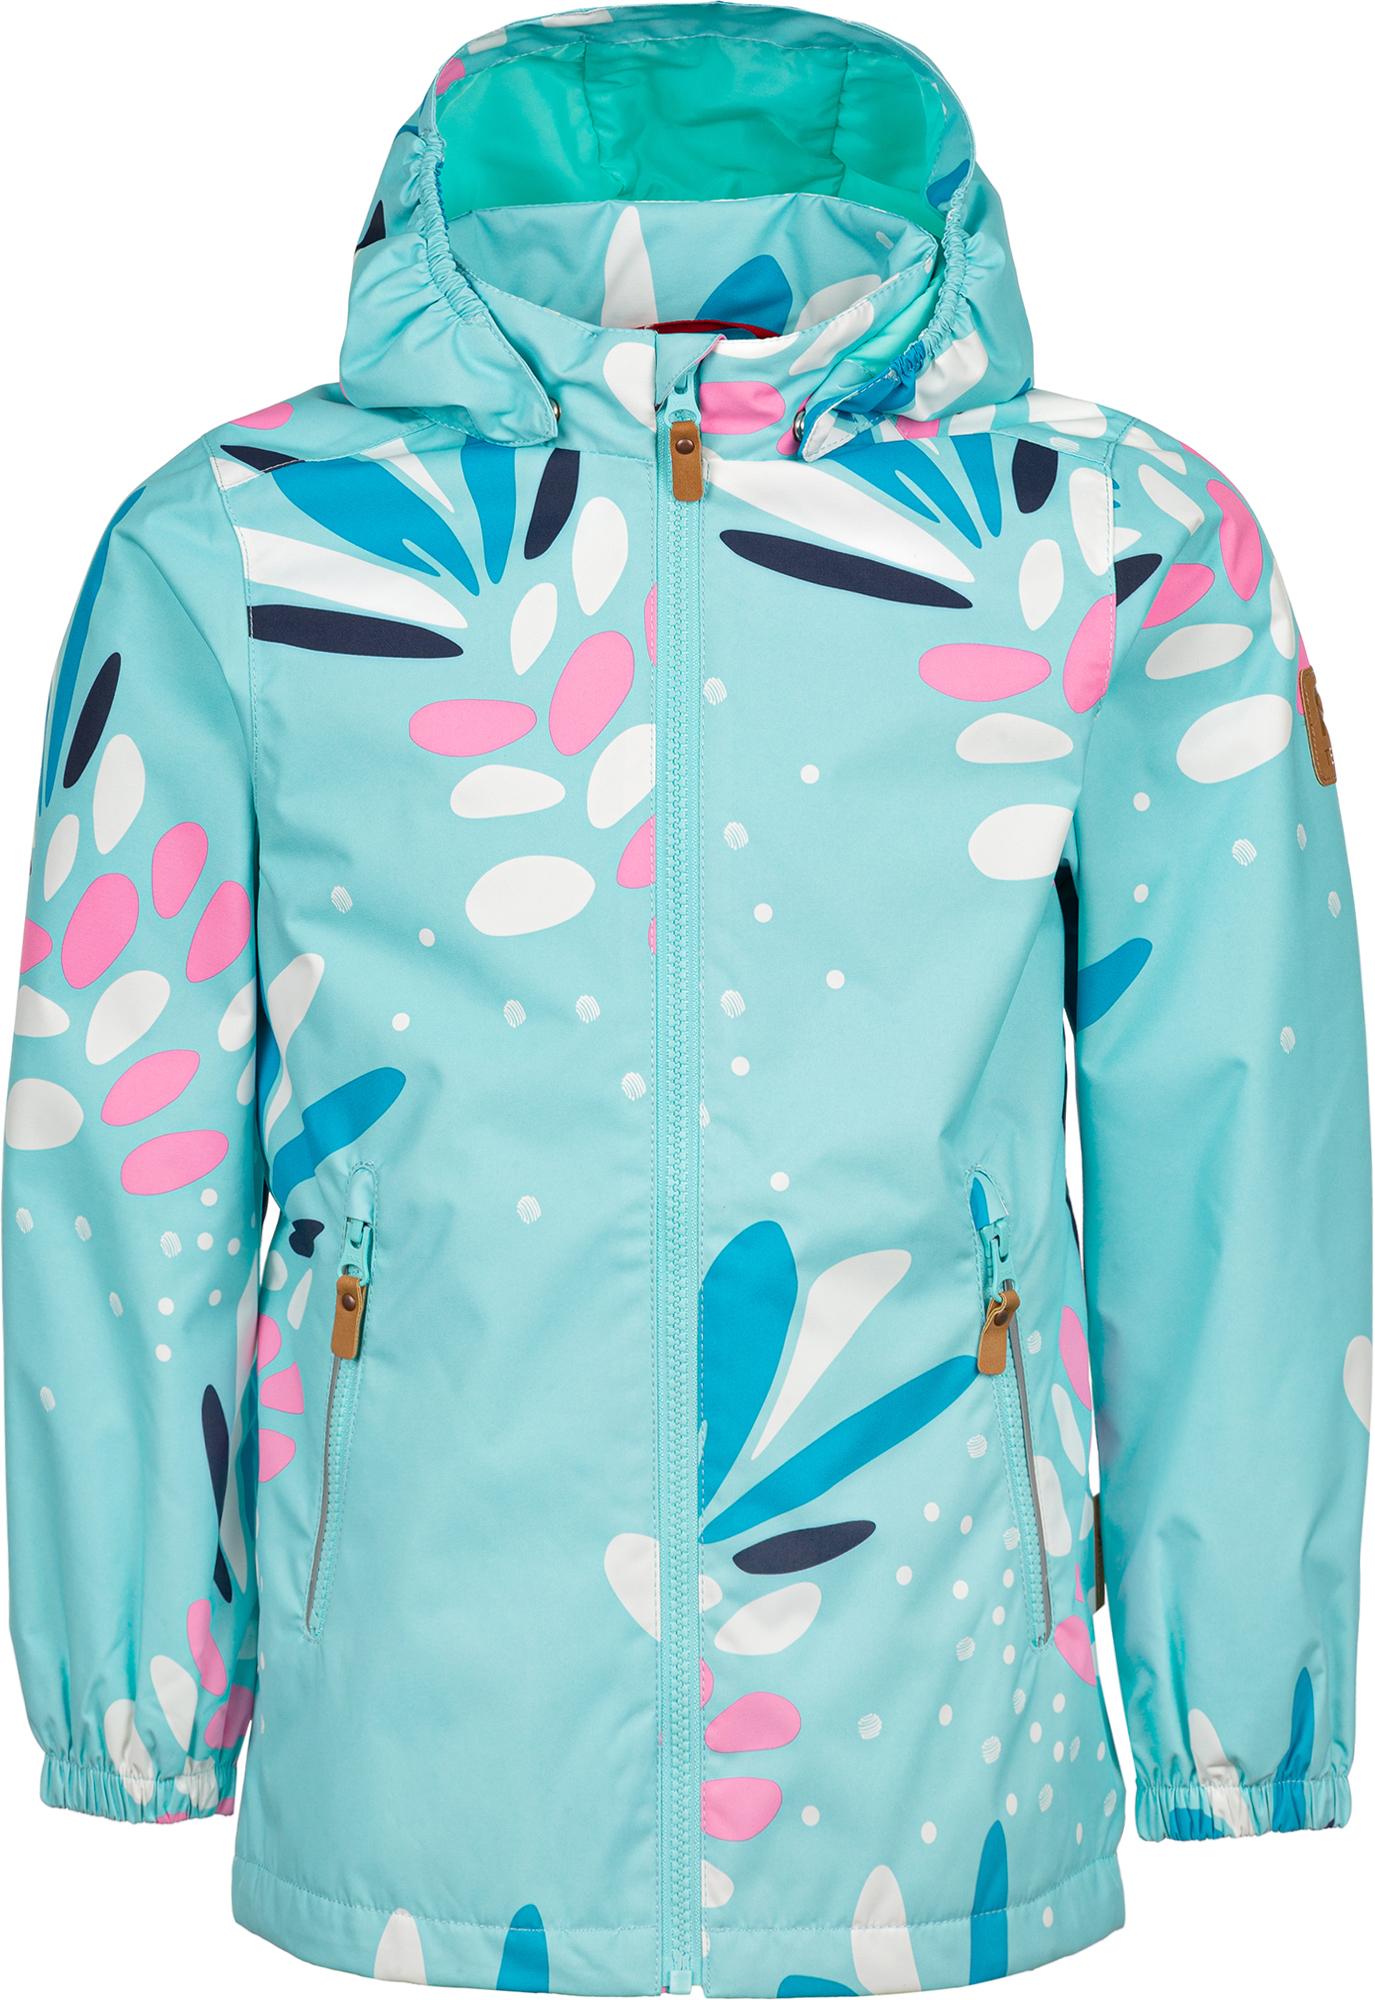 цена на Reima Куртка утепленная для девочек Reima Anise, размер 134